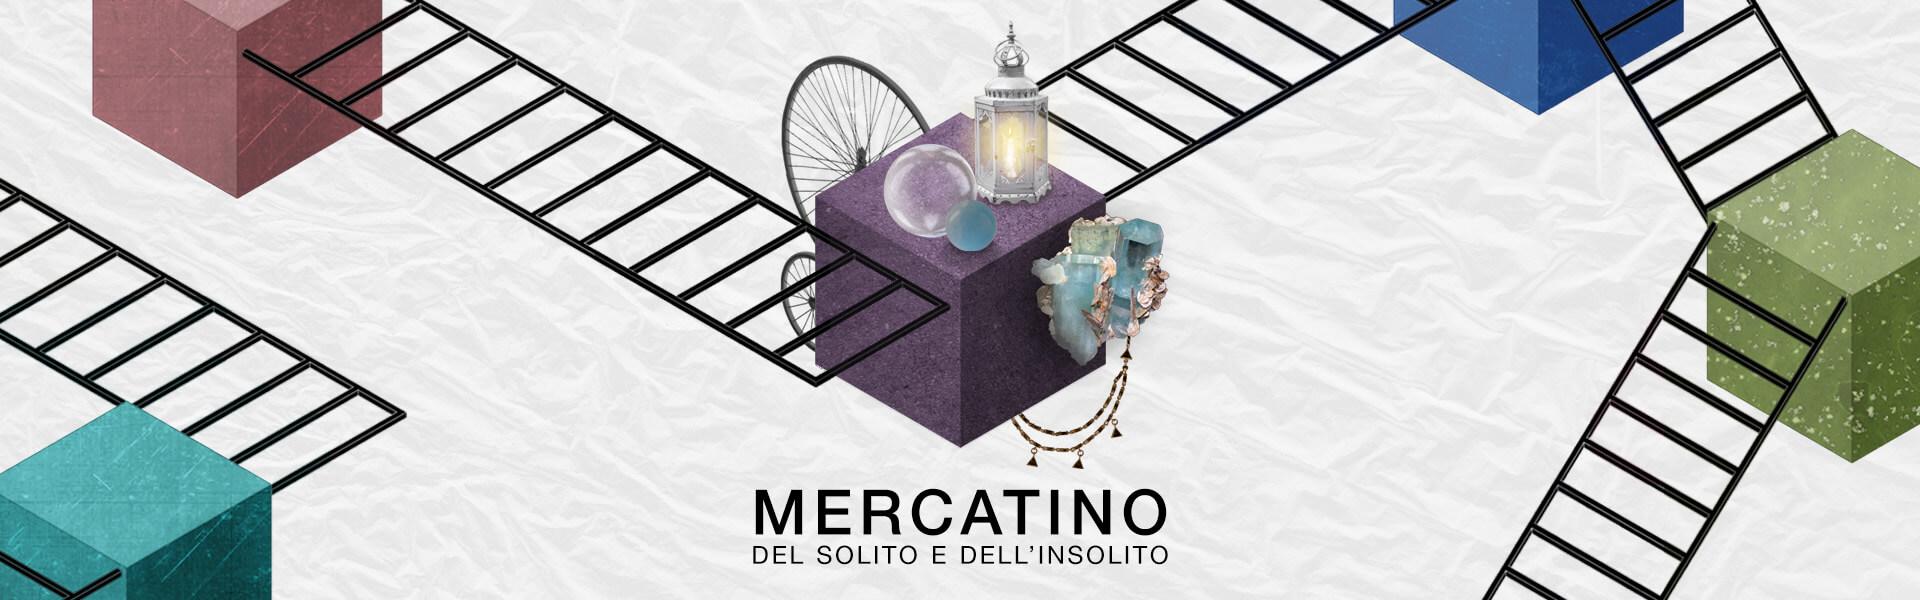 Mercatino del solito e dell'insolito / Artisti in Piazza / Pennabilli Festival 2019